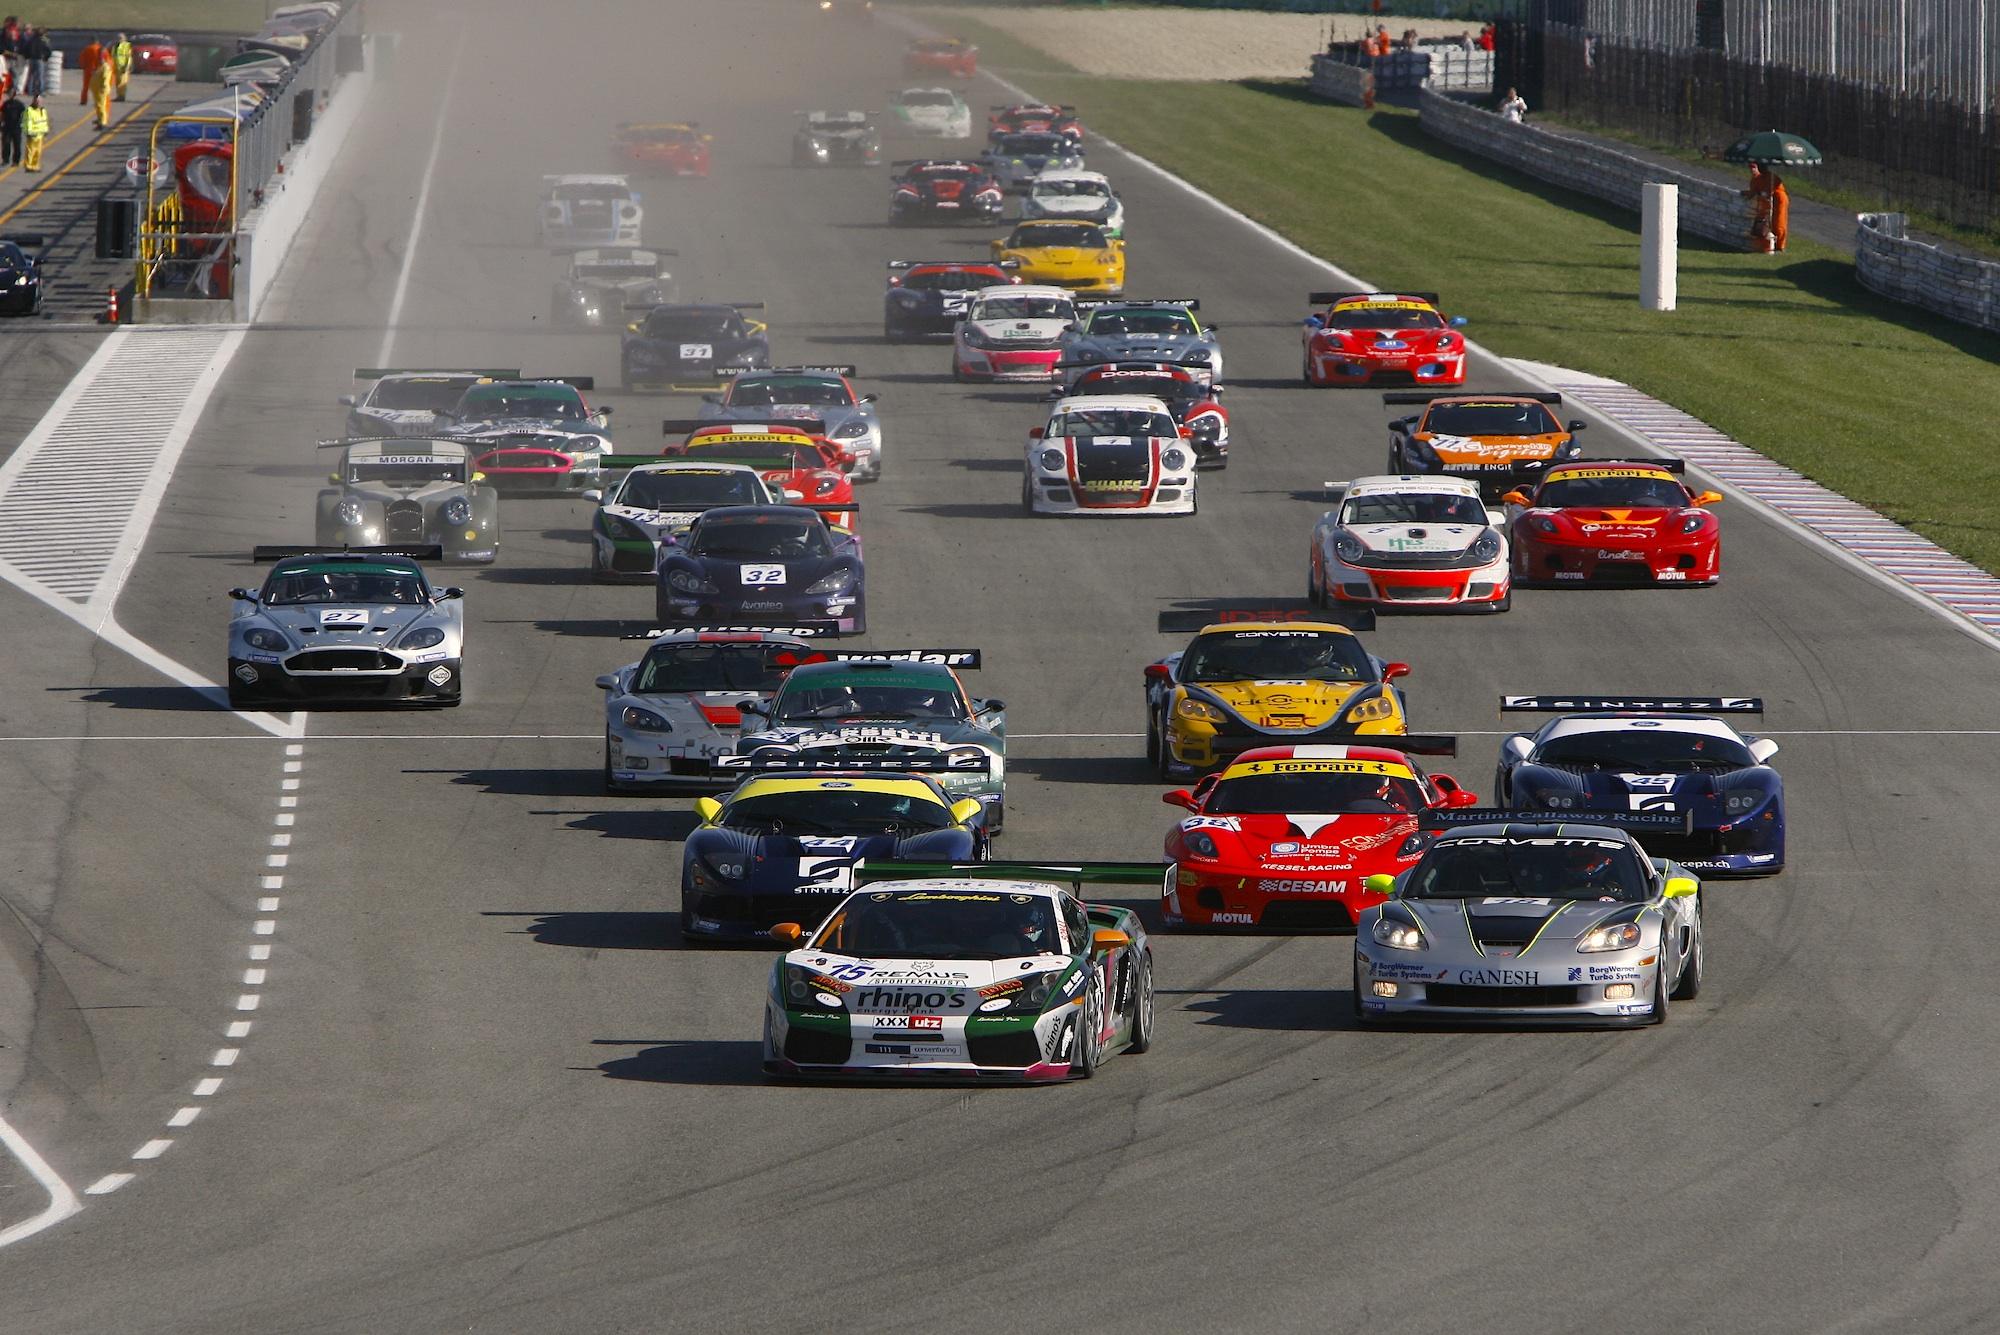 Blüte im GT-Sport: Die GT3-Klasse gewinnt weiterhin an Auftrieb | © DPPI